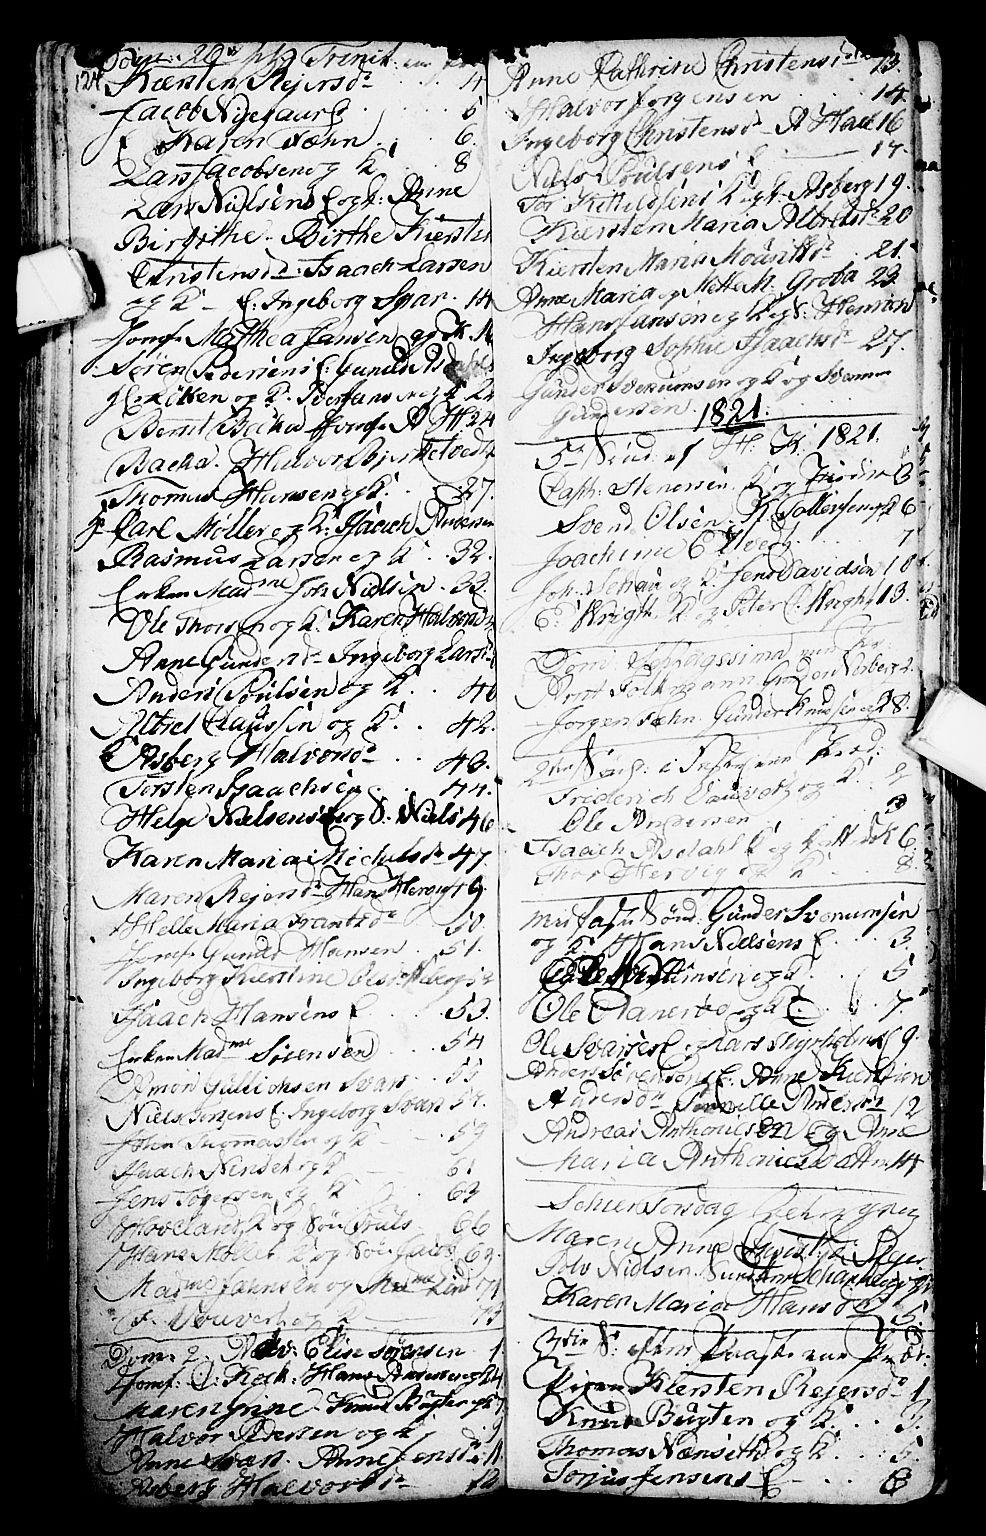 SAKO, Porsgrunn kirkebøker , G/Ga/L0001: Klokkerbok nr. I 1, 1766-1790, s. 124-125